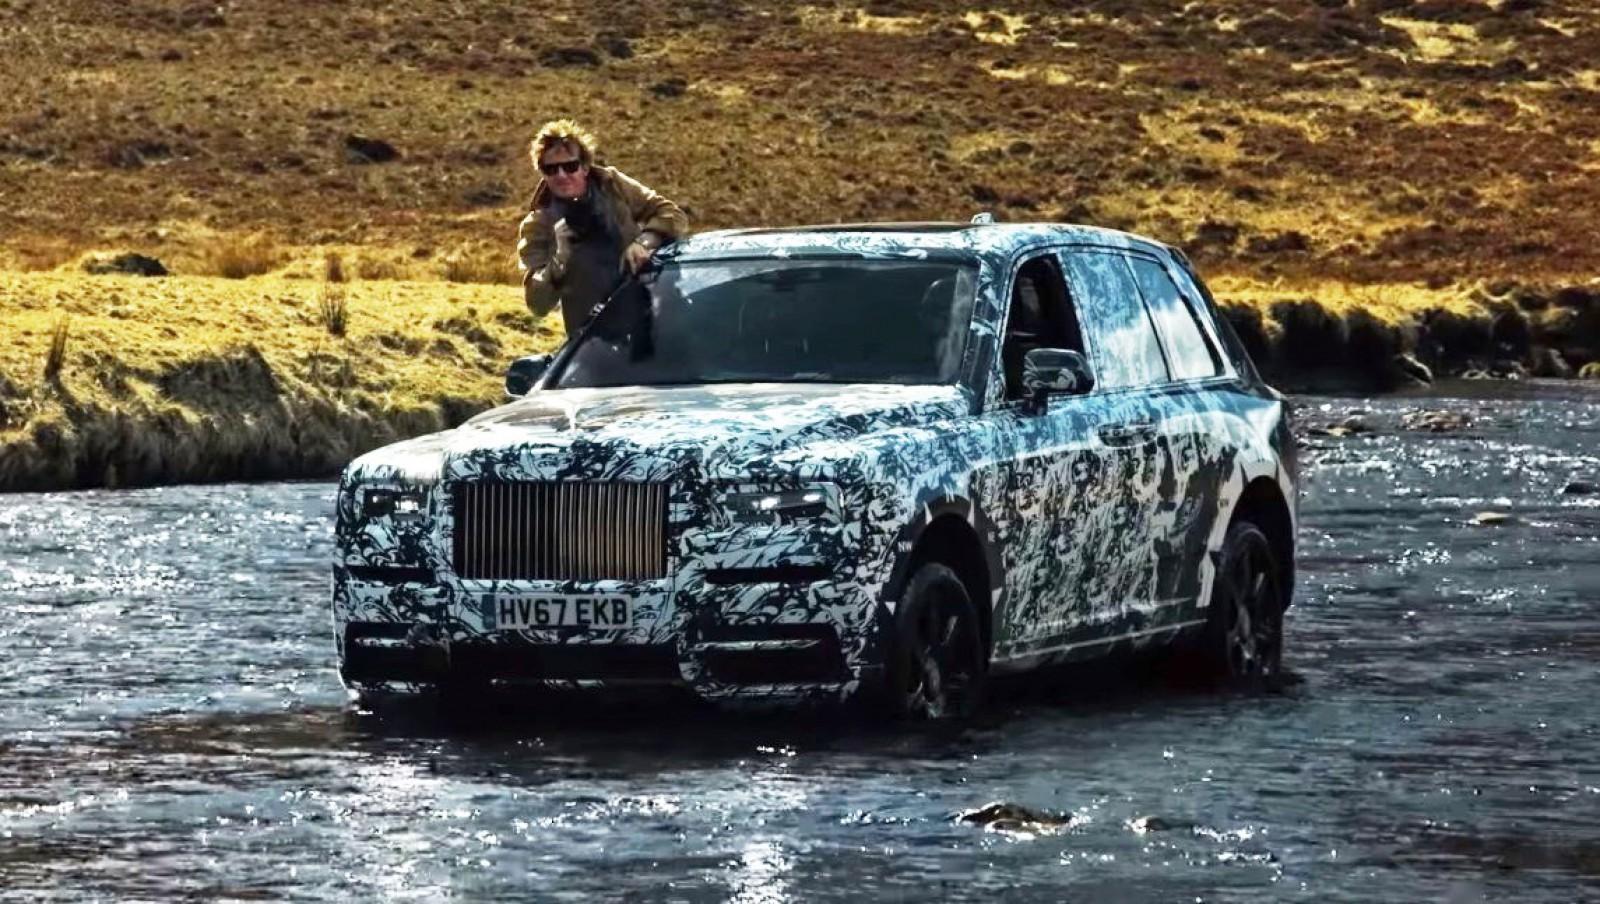 (video) Va avea inserţii din agat şi va fi capabil de off-road. Noul Rolls-Royce Cullinan şi-a încheiat călătoria în Scoţia